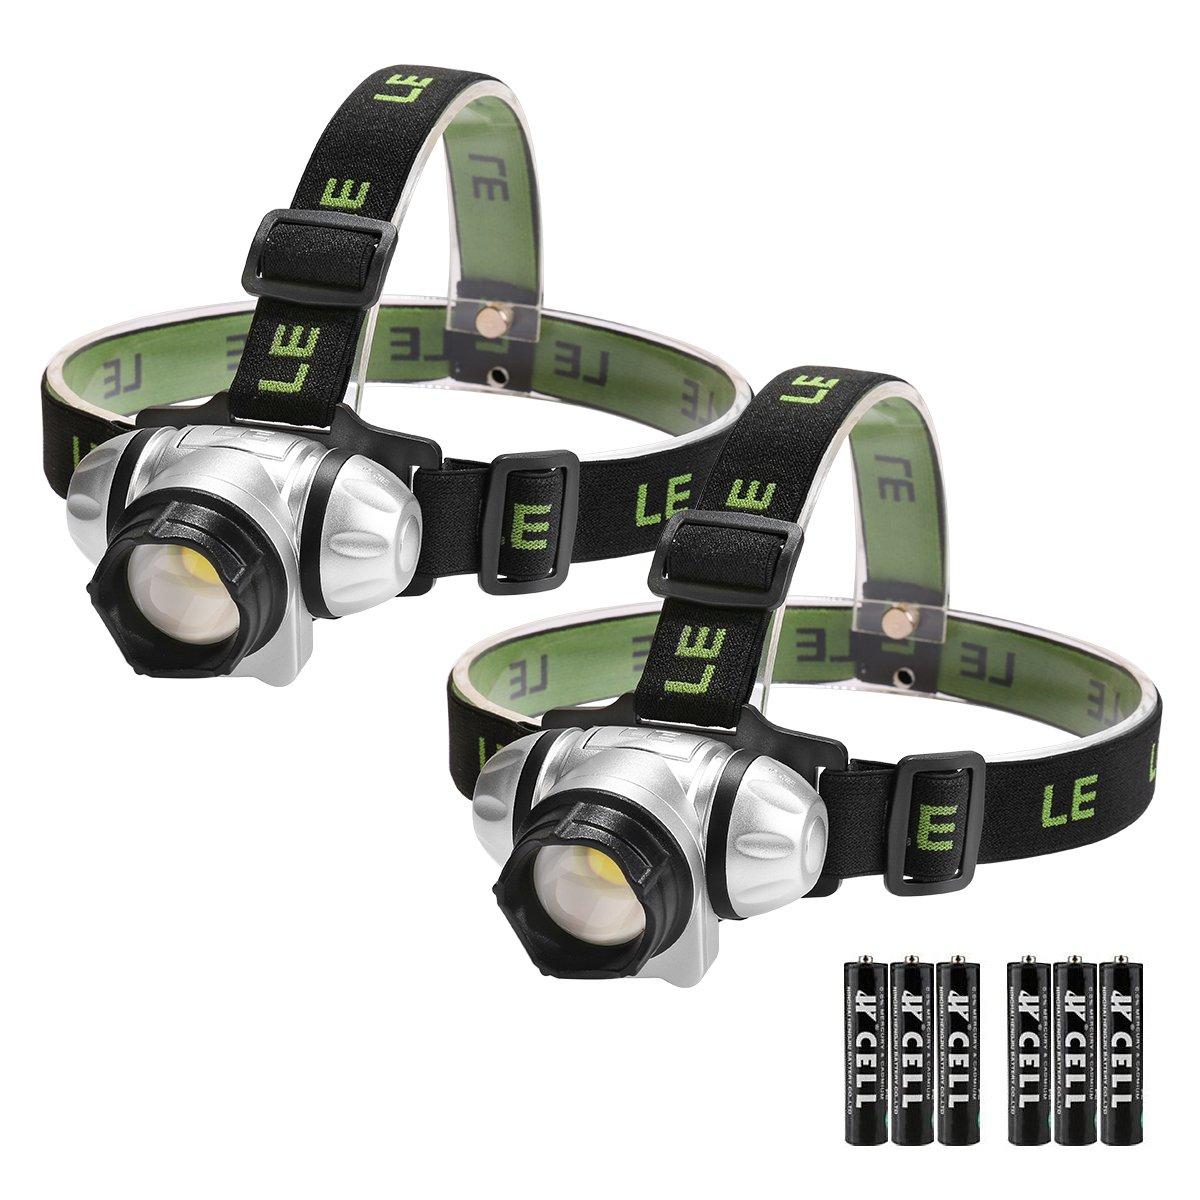 LE Stirnlampen, 4 Helligkeiten zu wahlen, LED Kopflampe, leicht und superhell, ideal für Wandern, Camping, Ausflug, AAA Batterien Inklusive, 2er Pack [Energieklasse A+] ideal für Wandern Lighting EVER